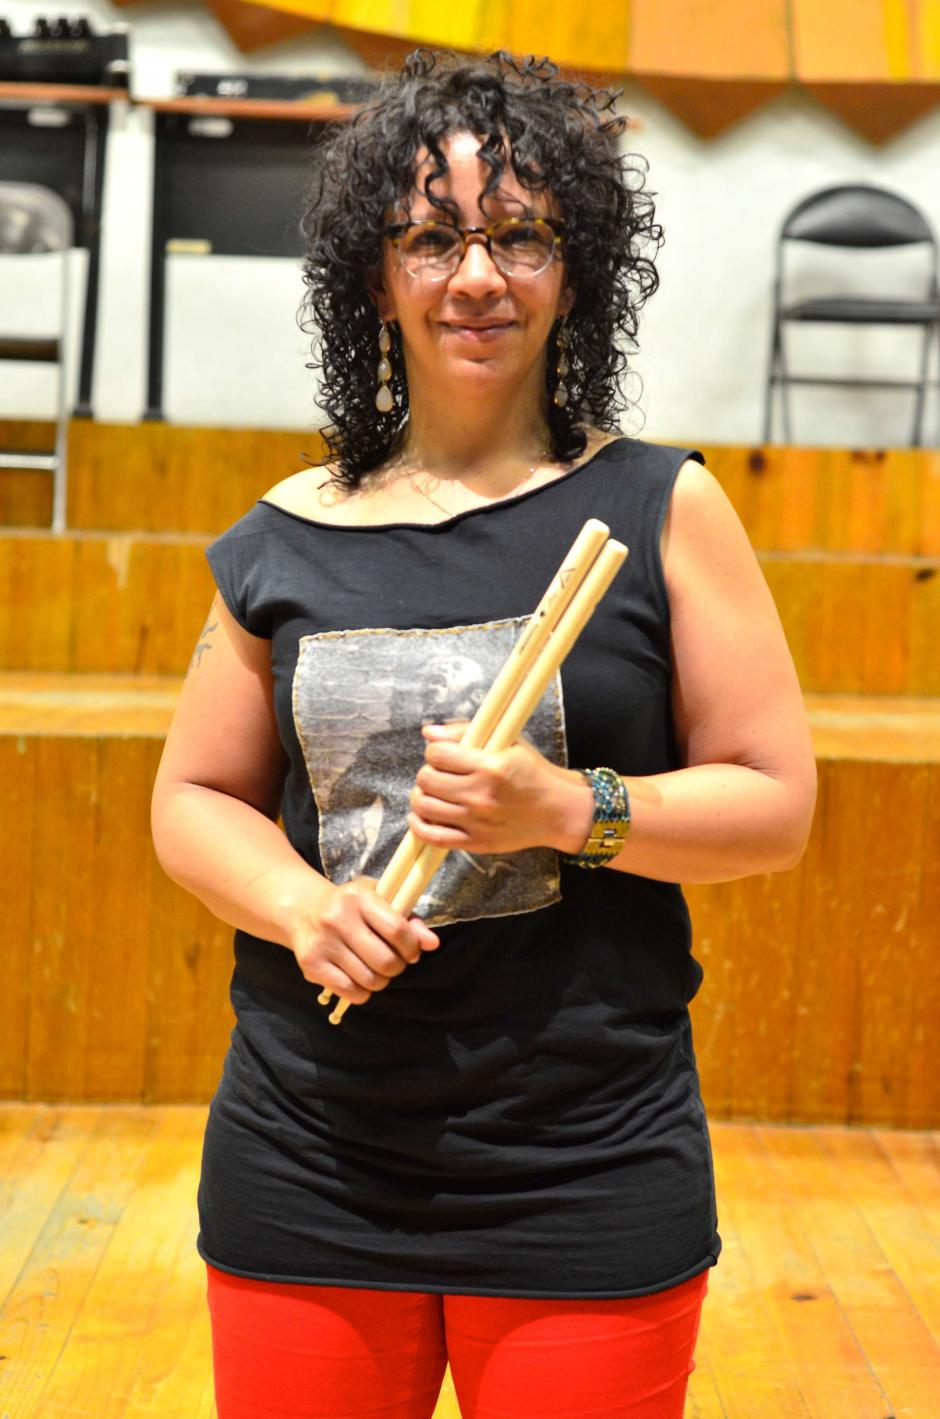 La compositora es embajadora cultural del Departamento de Estado de EE.UU. (Foto: Selene Mejía/Soy502)